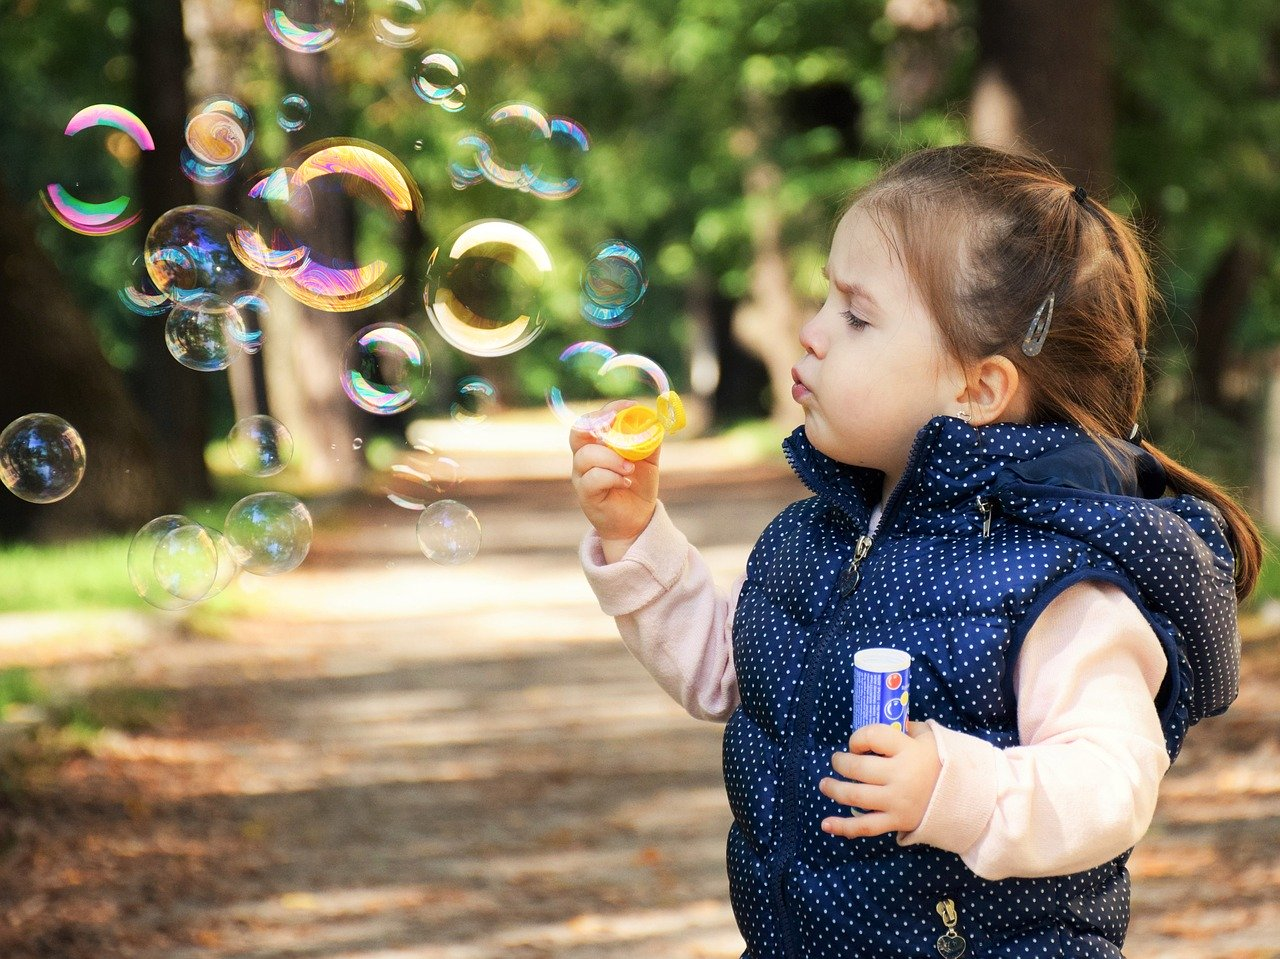 Ha megfigyeltek egy kisgyermeket, ugyanezt láthatjátok nála is. Belefeledkezik abba a tevékenységbe, amit csinál. Legyen az akár játék, akár rajzolás